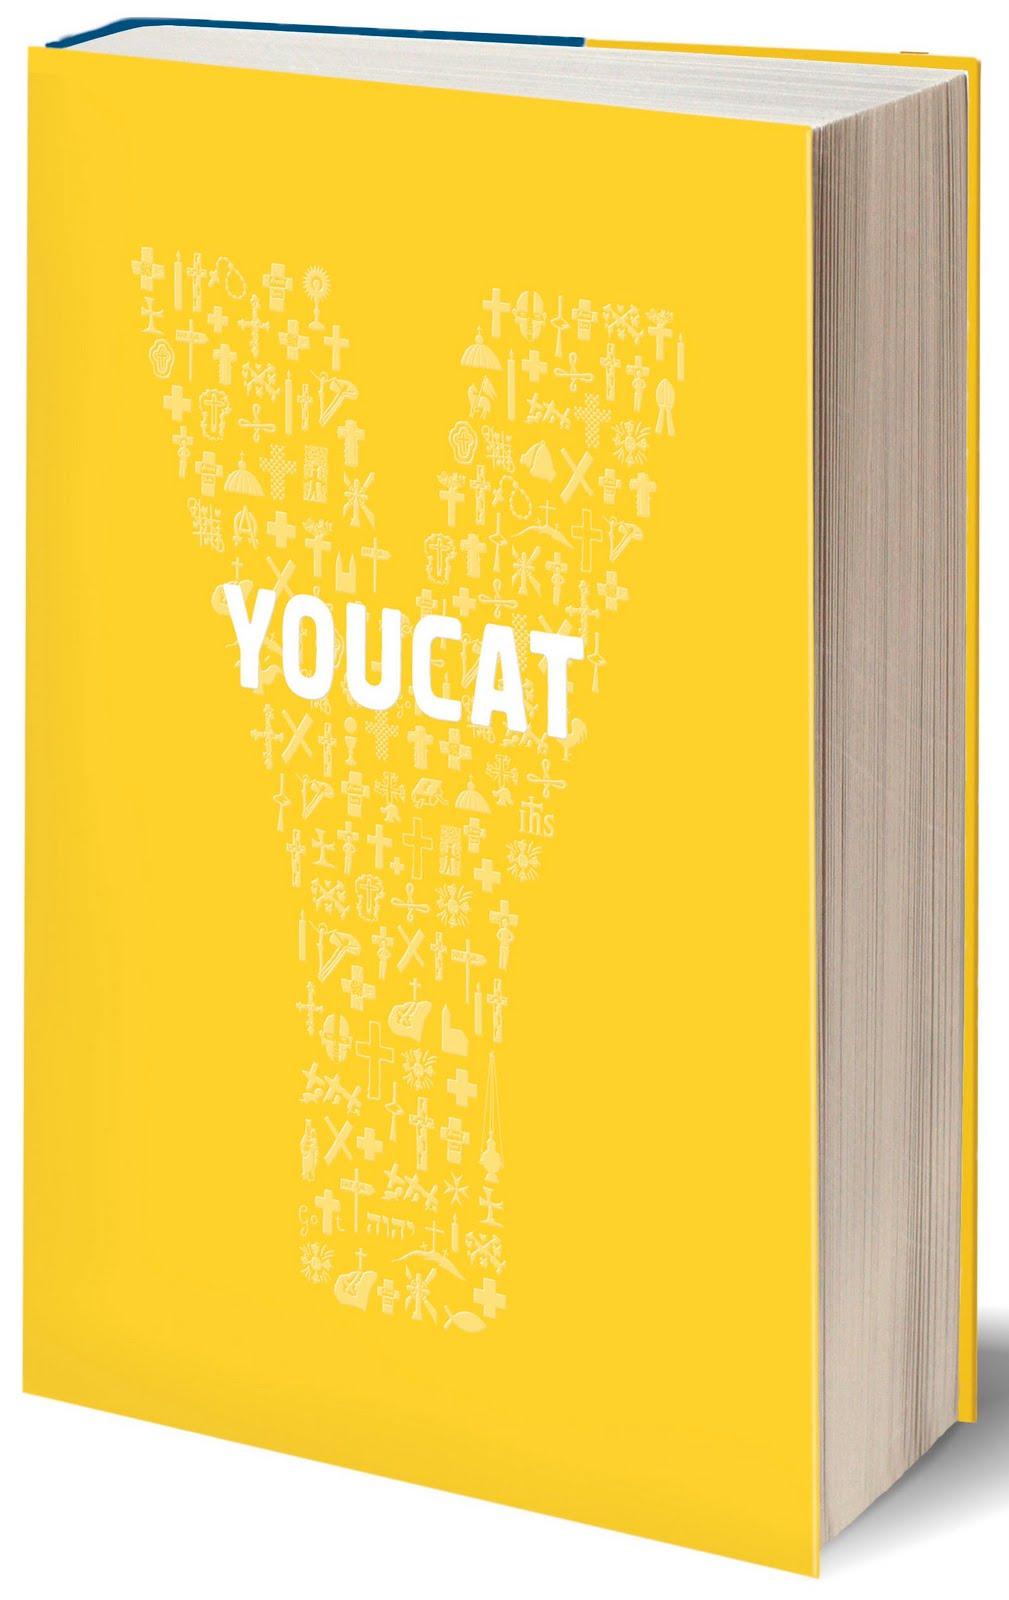 Você já conhece o Youcat?